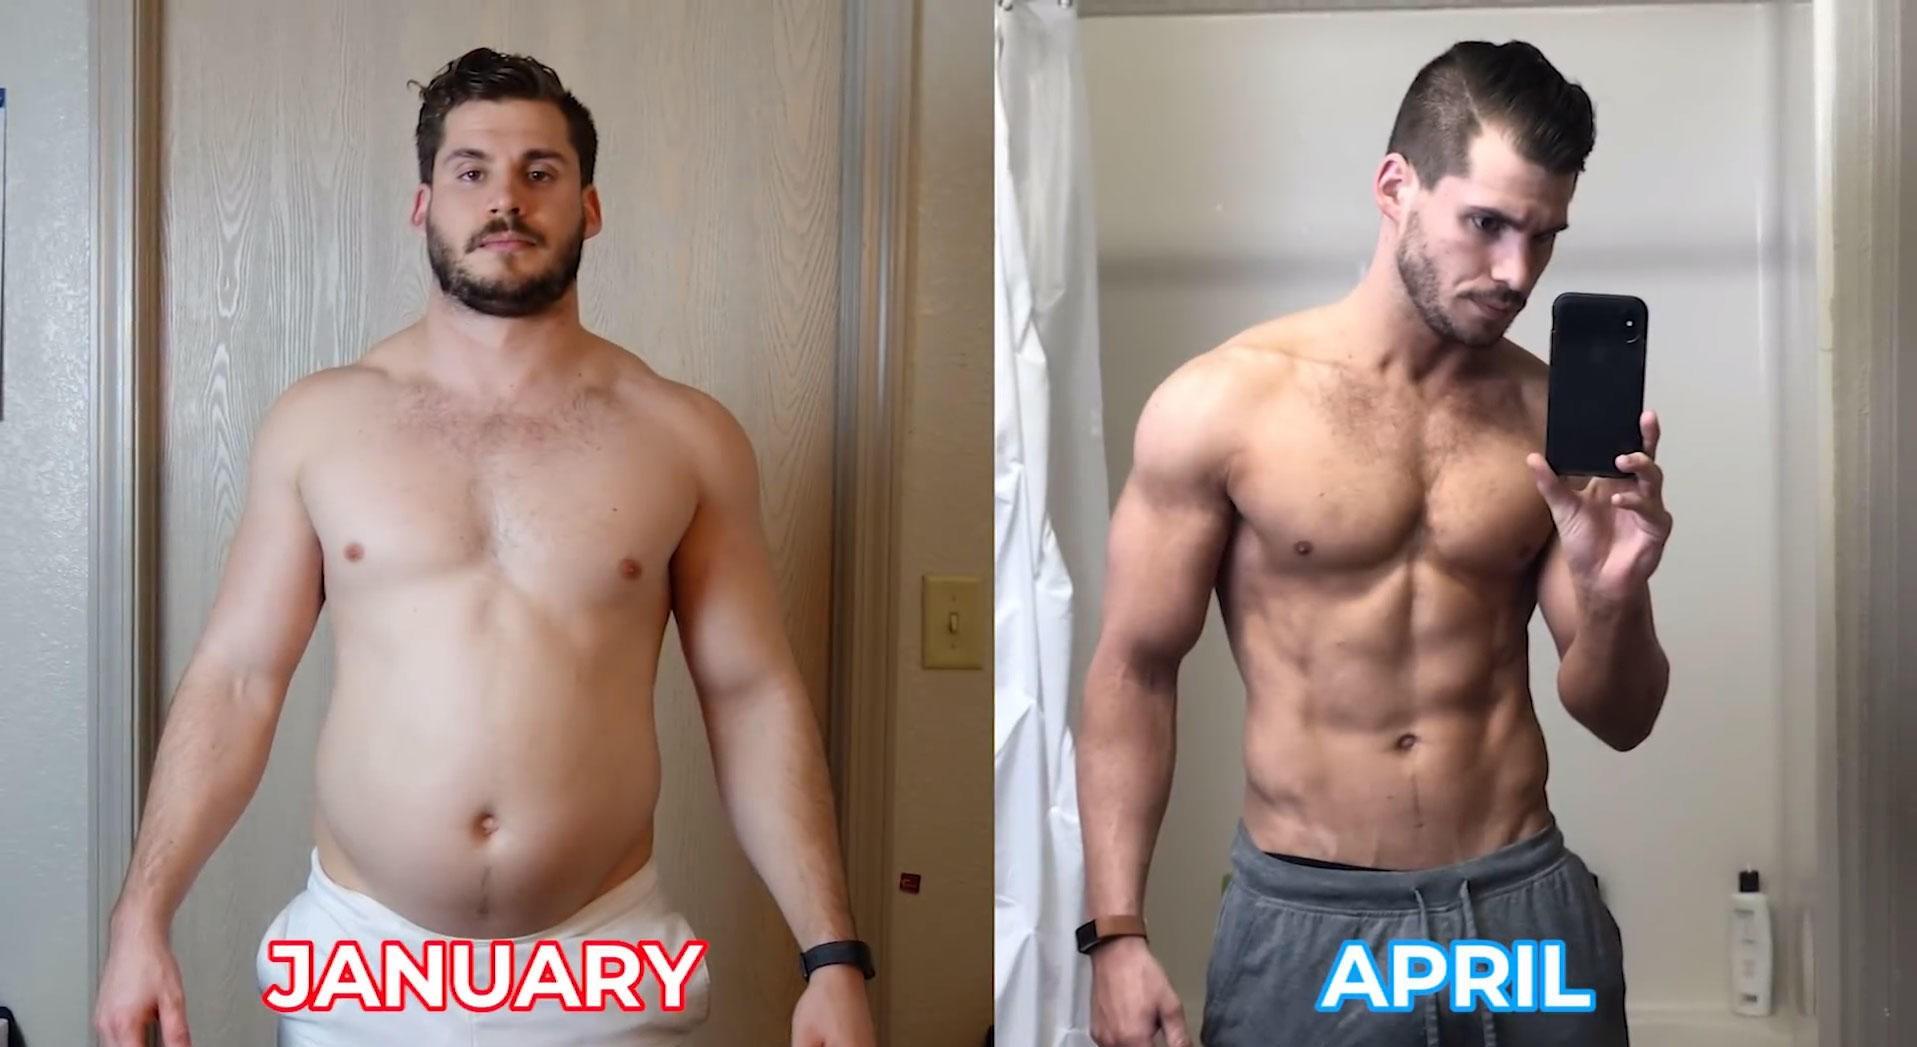 GIKK NED 20 KG: I tillegg til å bygge muskler, gikk Hunter Hobbs ned 20 kg på tolv uker takket være et strengt trenings- og kostholdsregime.